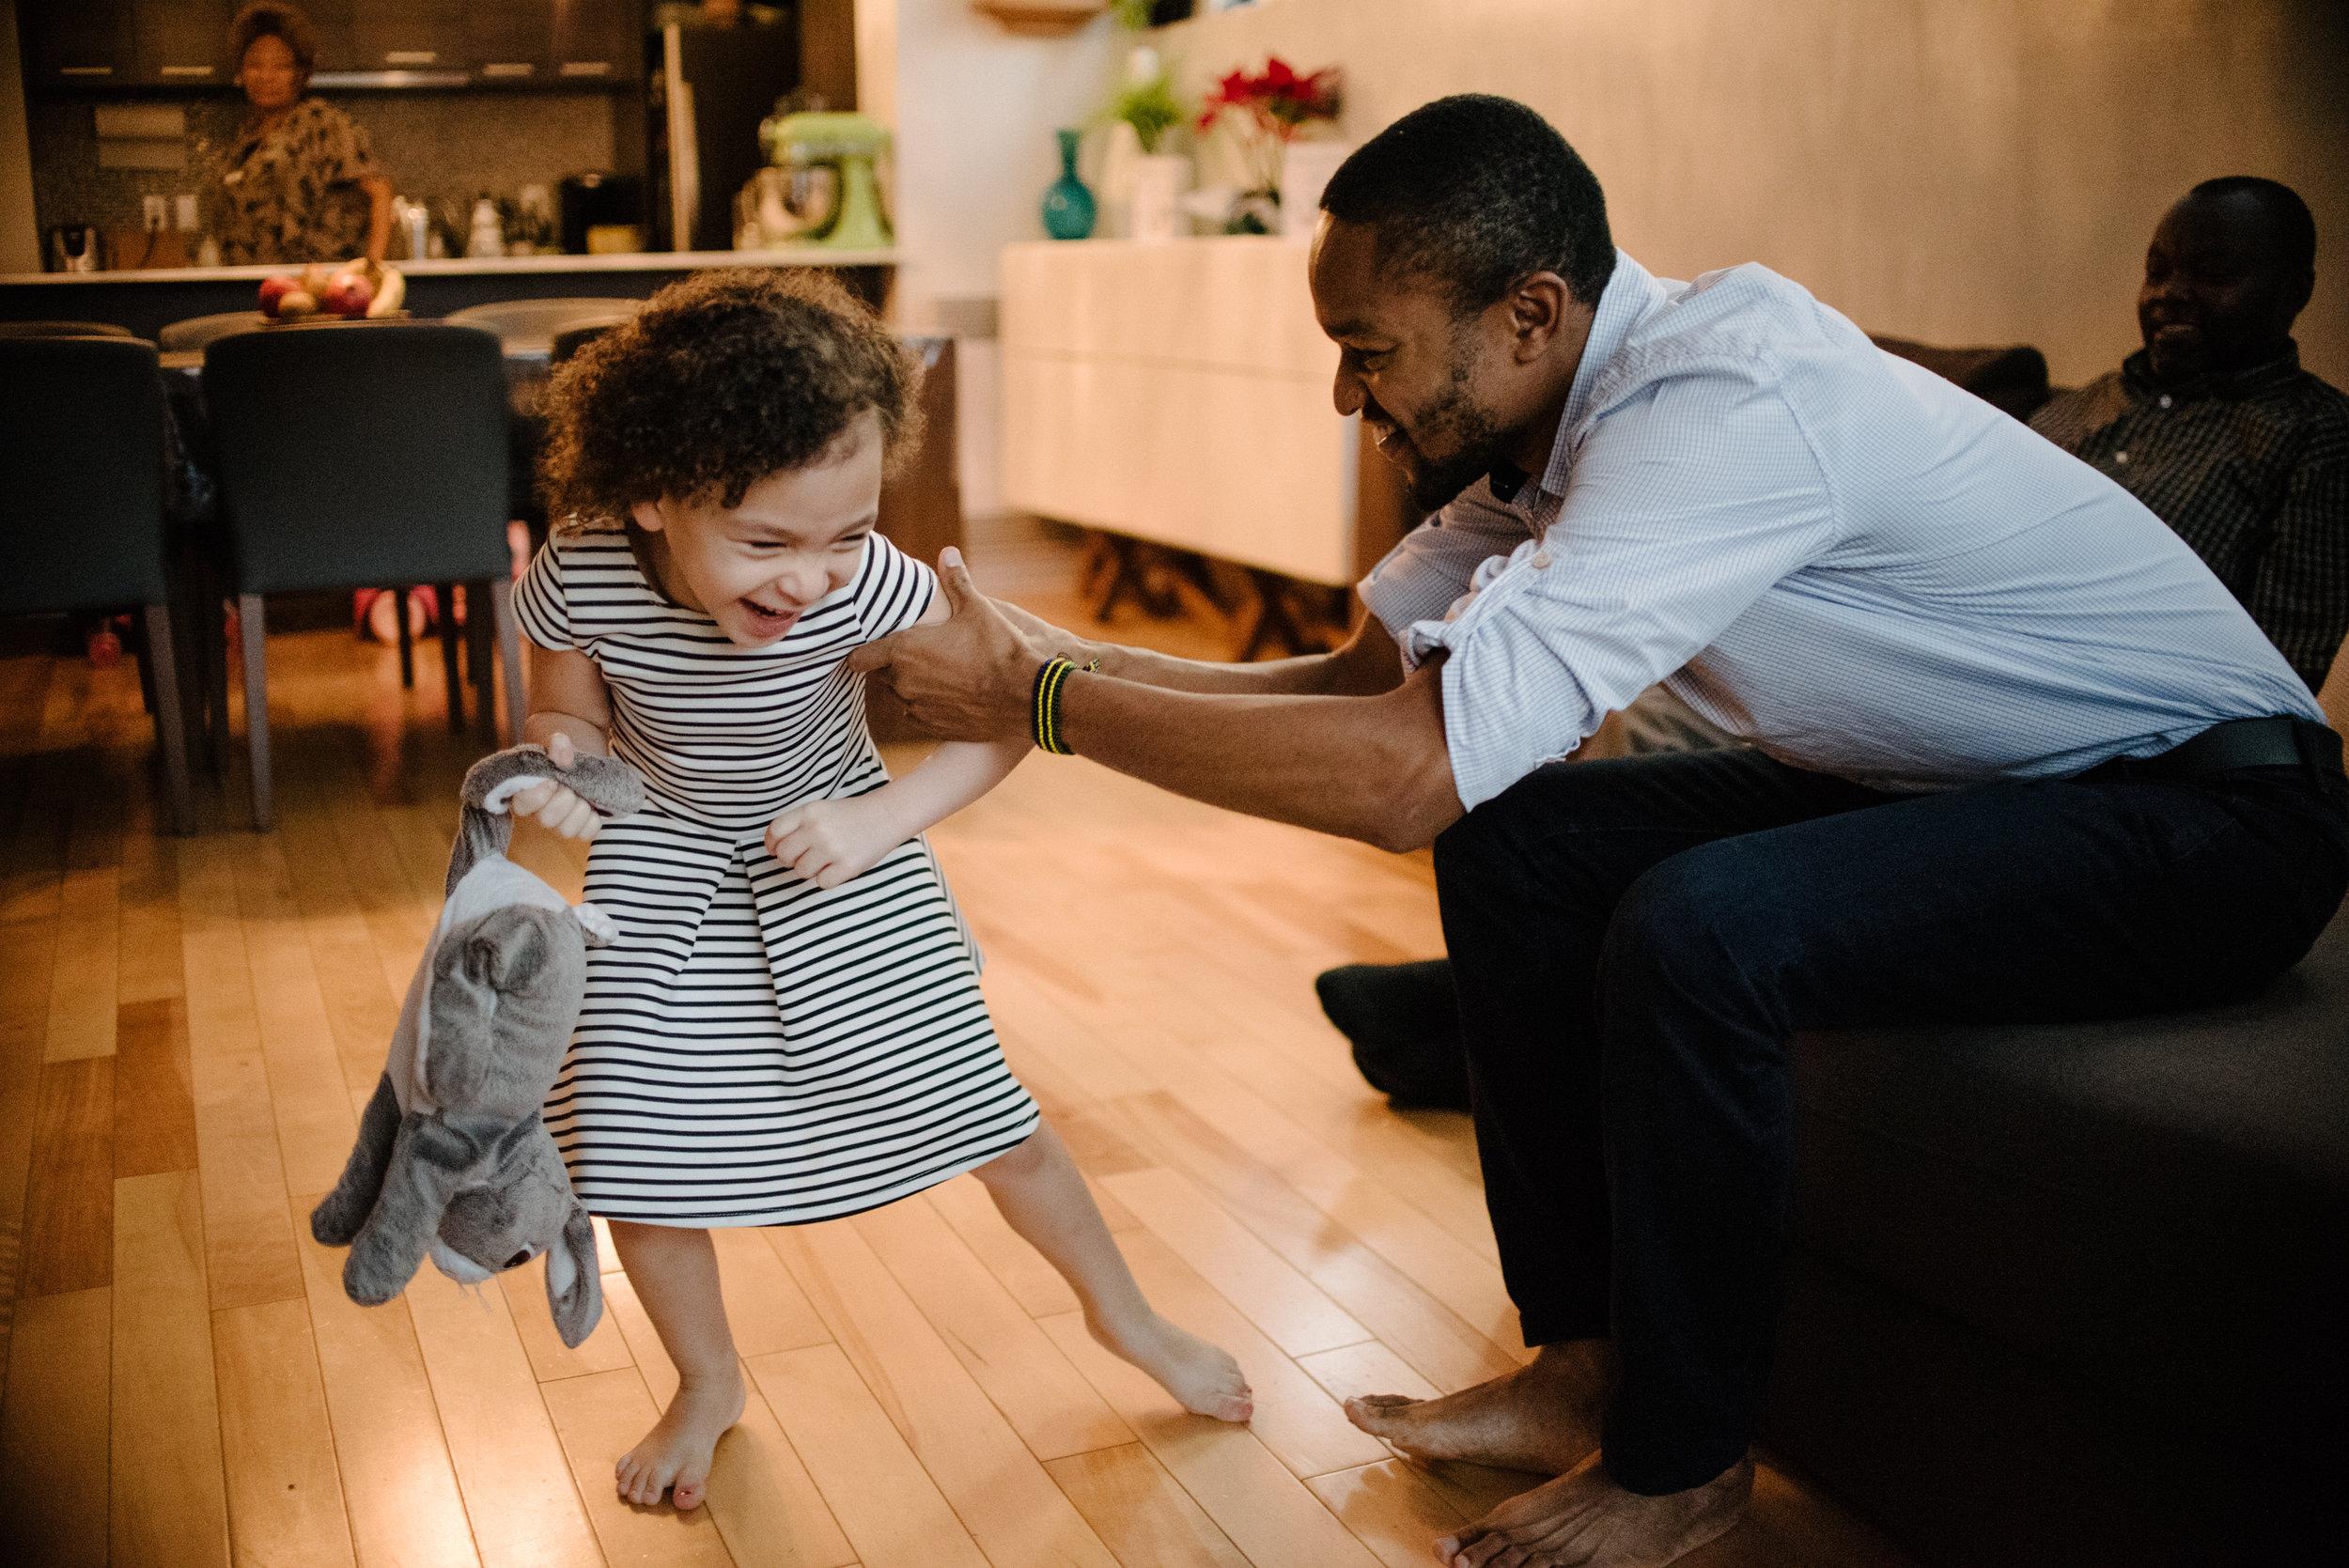 photo-d-un-oncle-et-sa-niece-qui-se-taquinent-photographe-de-famille-a-montreal-marianne-charland-019.jpg